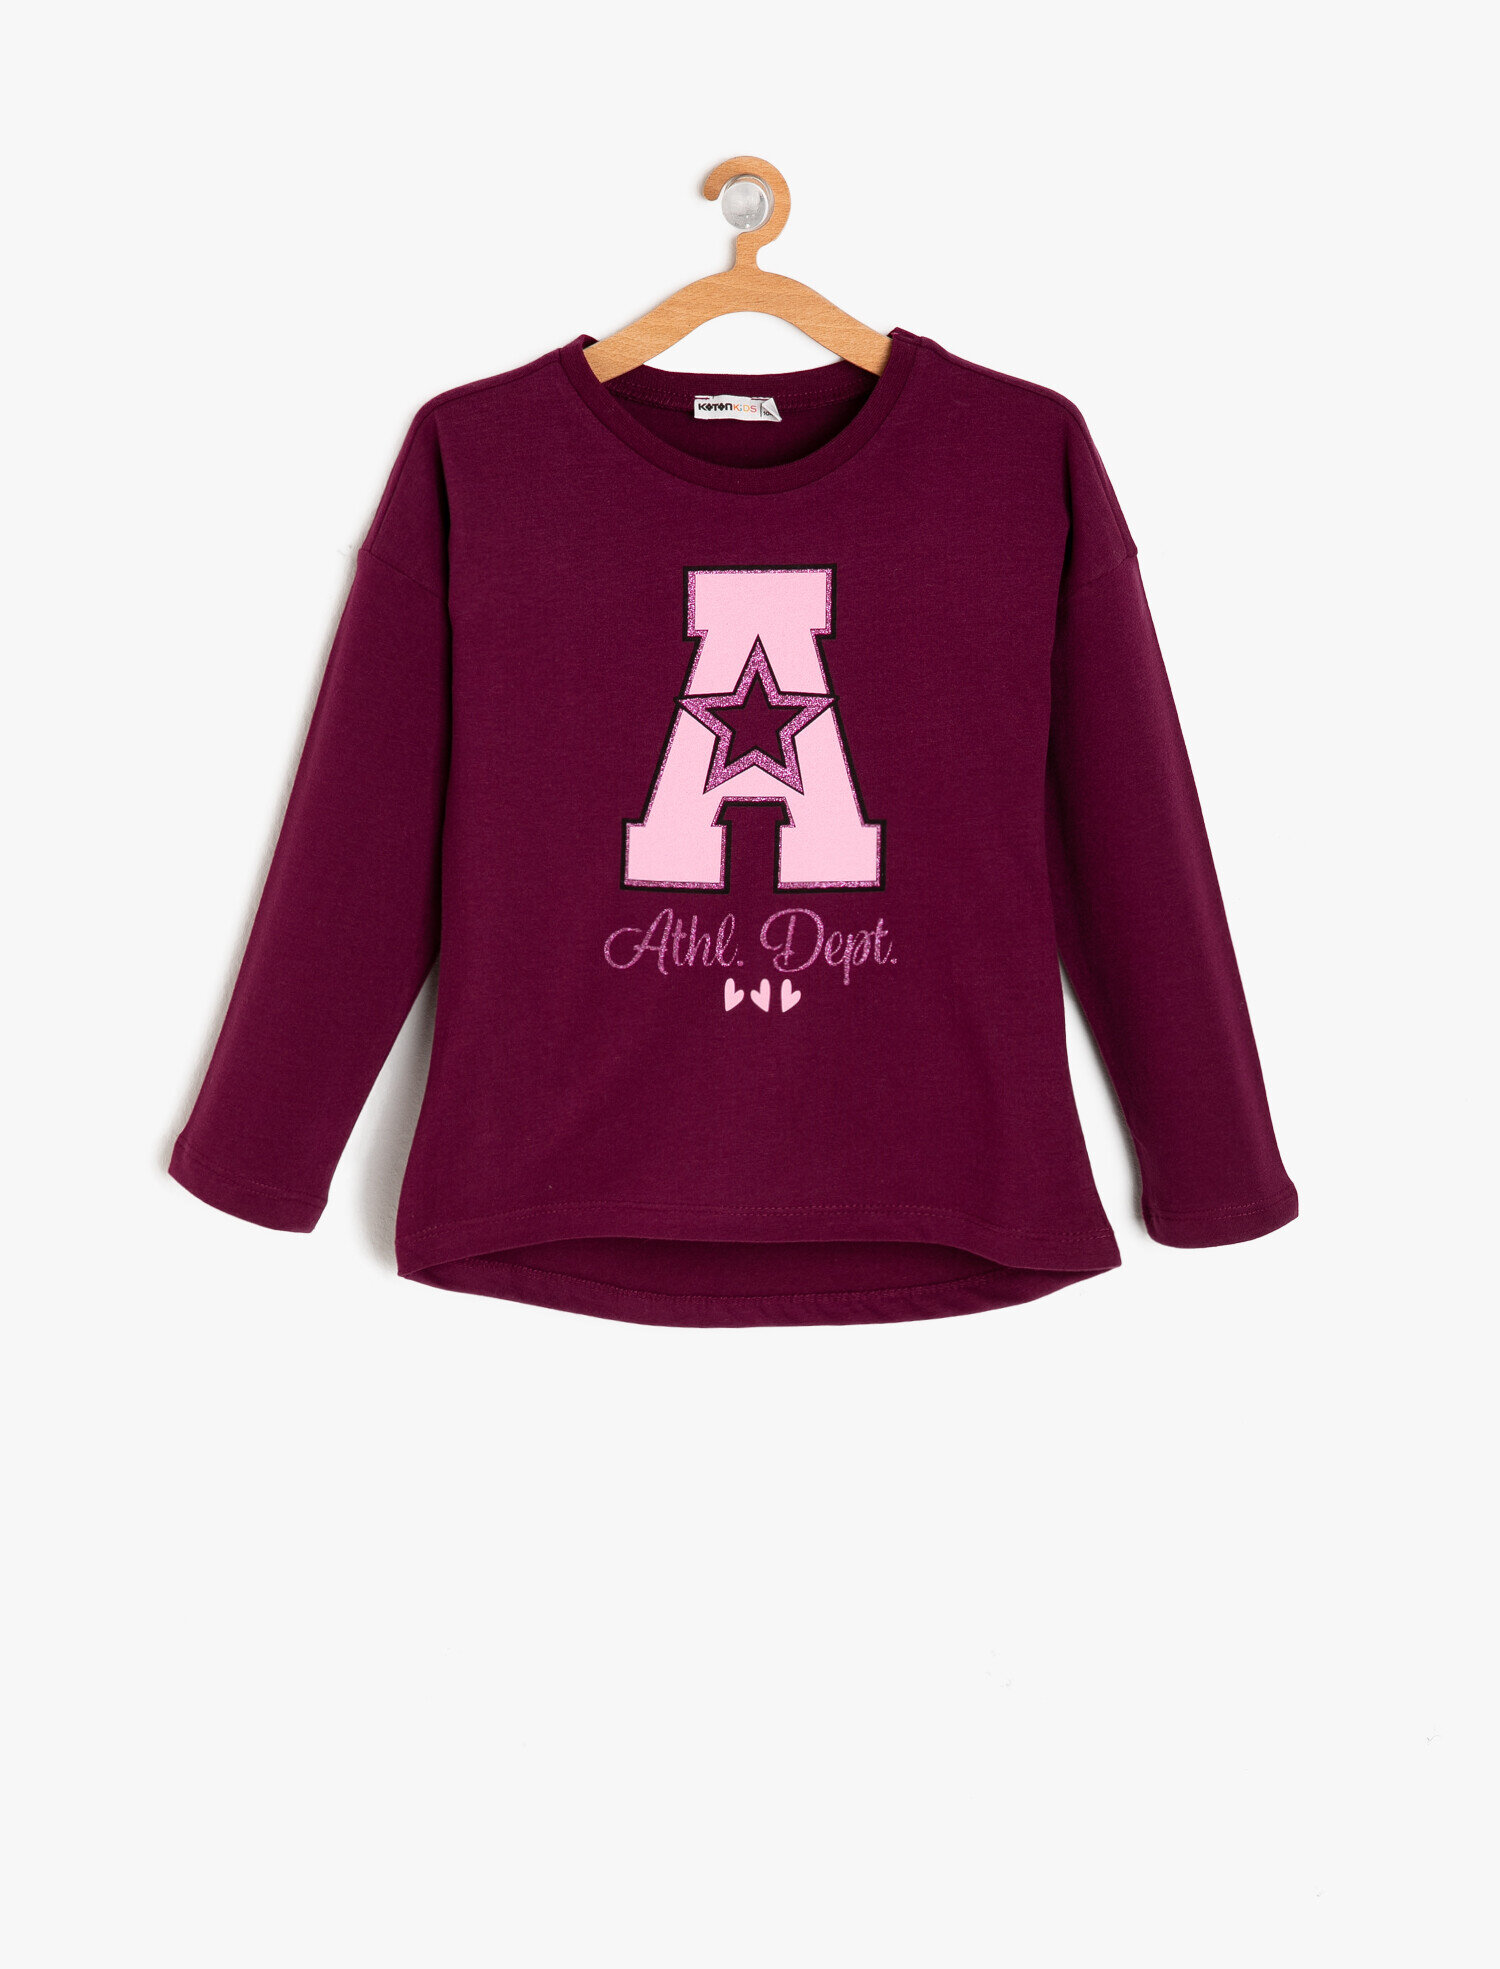 Koton Kız Çocuk Yazili Baskili T-Shirt Mor Ürün Resmi